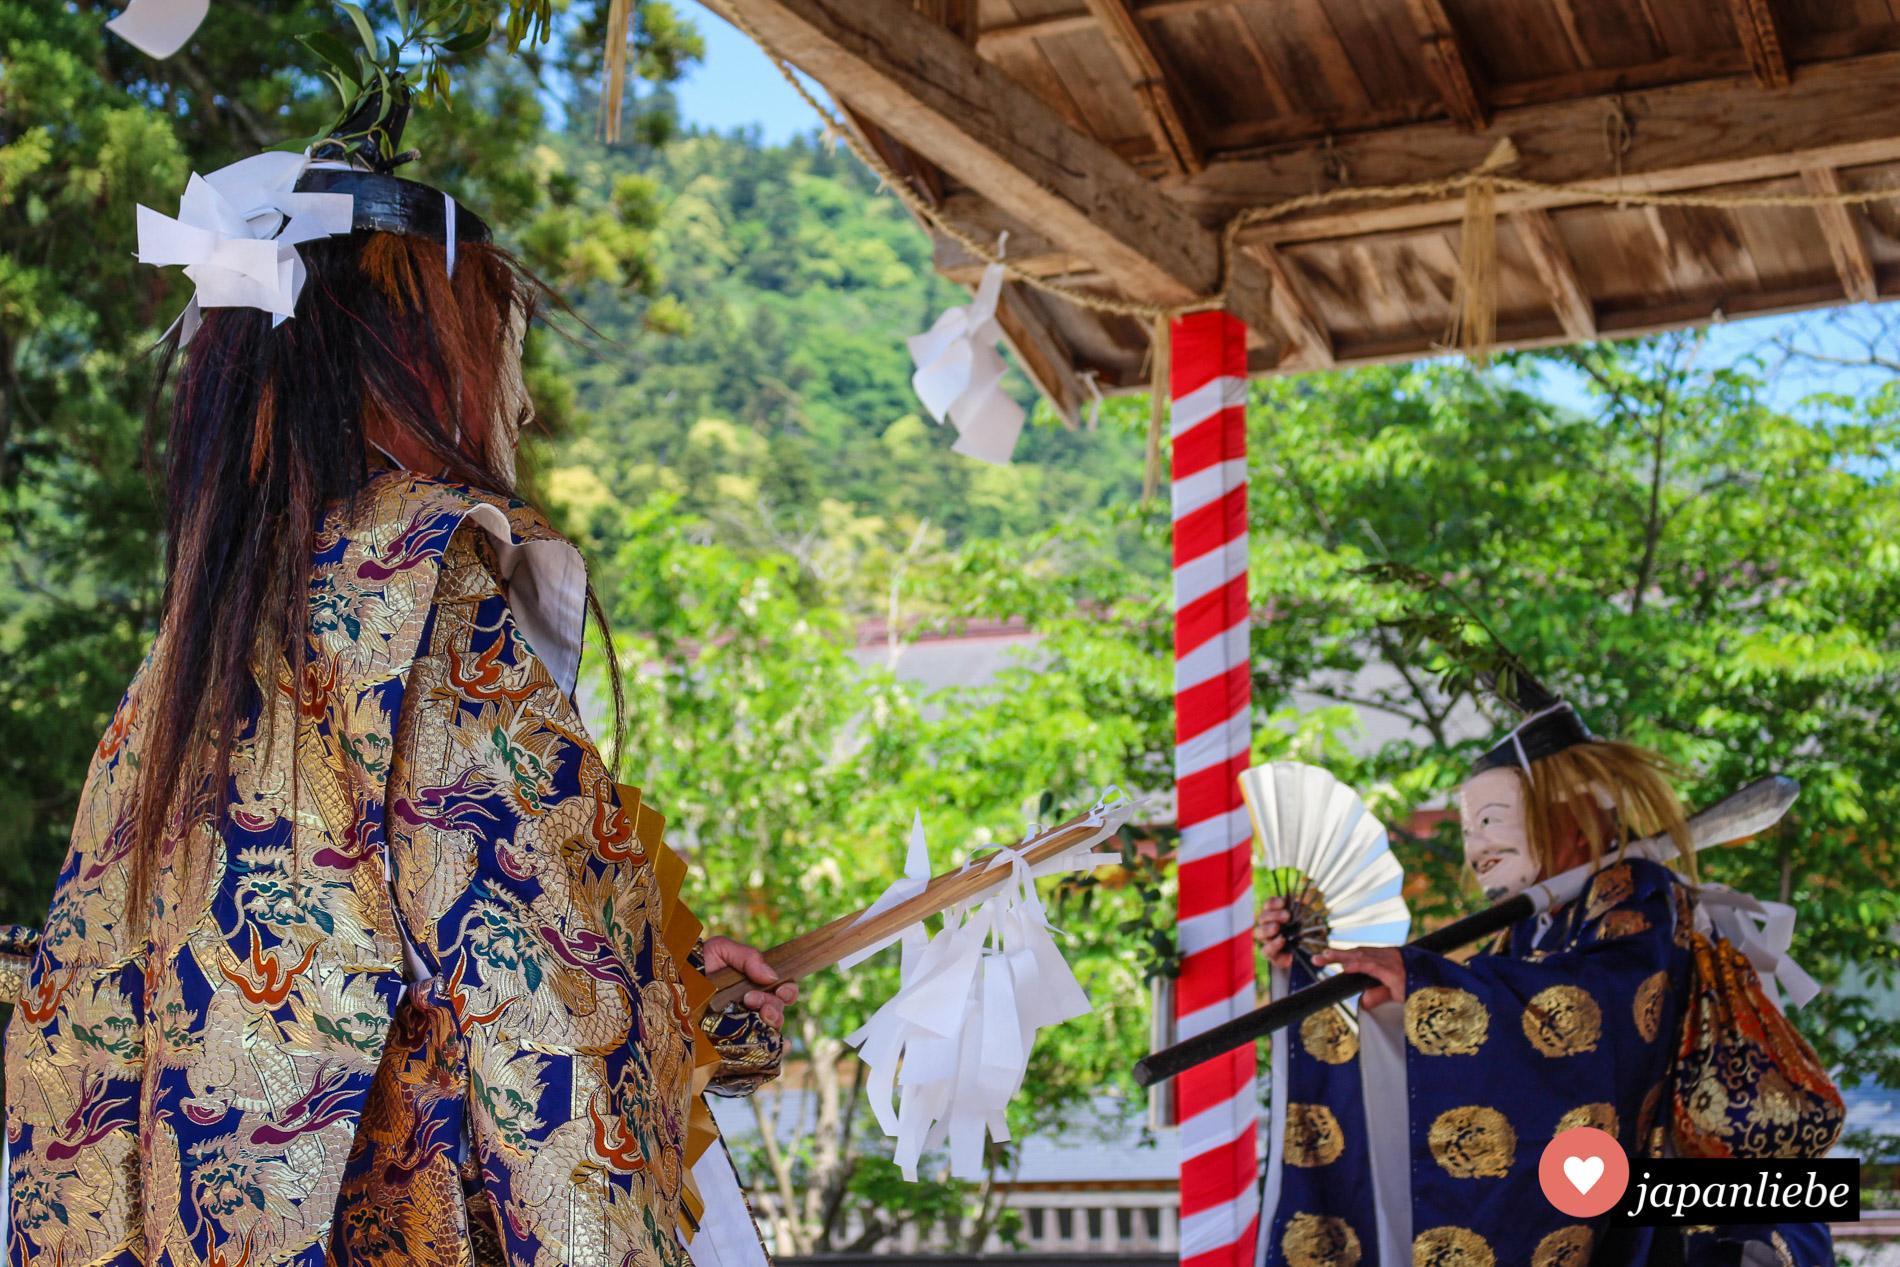 Die Bewegungen beim Izumo-kagura sind streng ritualisiert und hundertfach eingeübt.